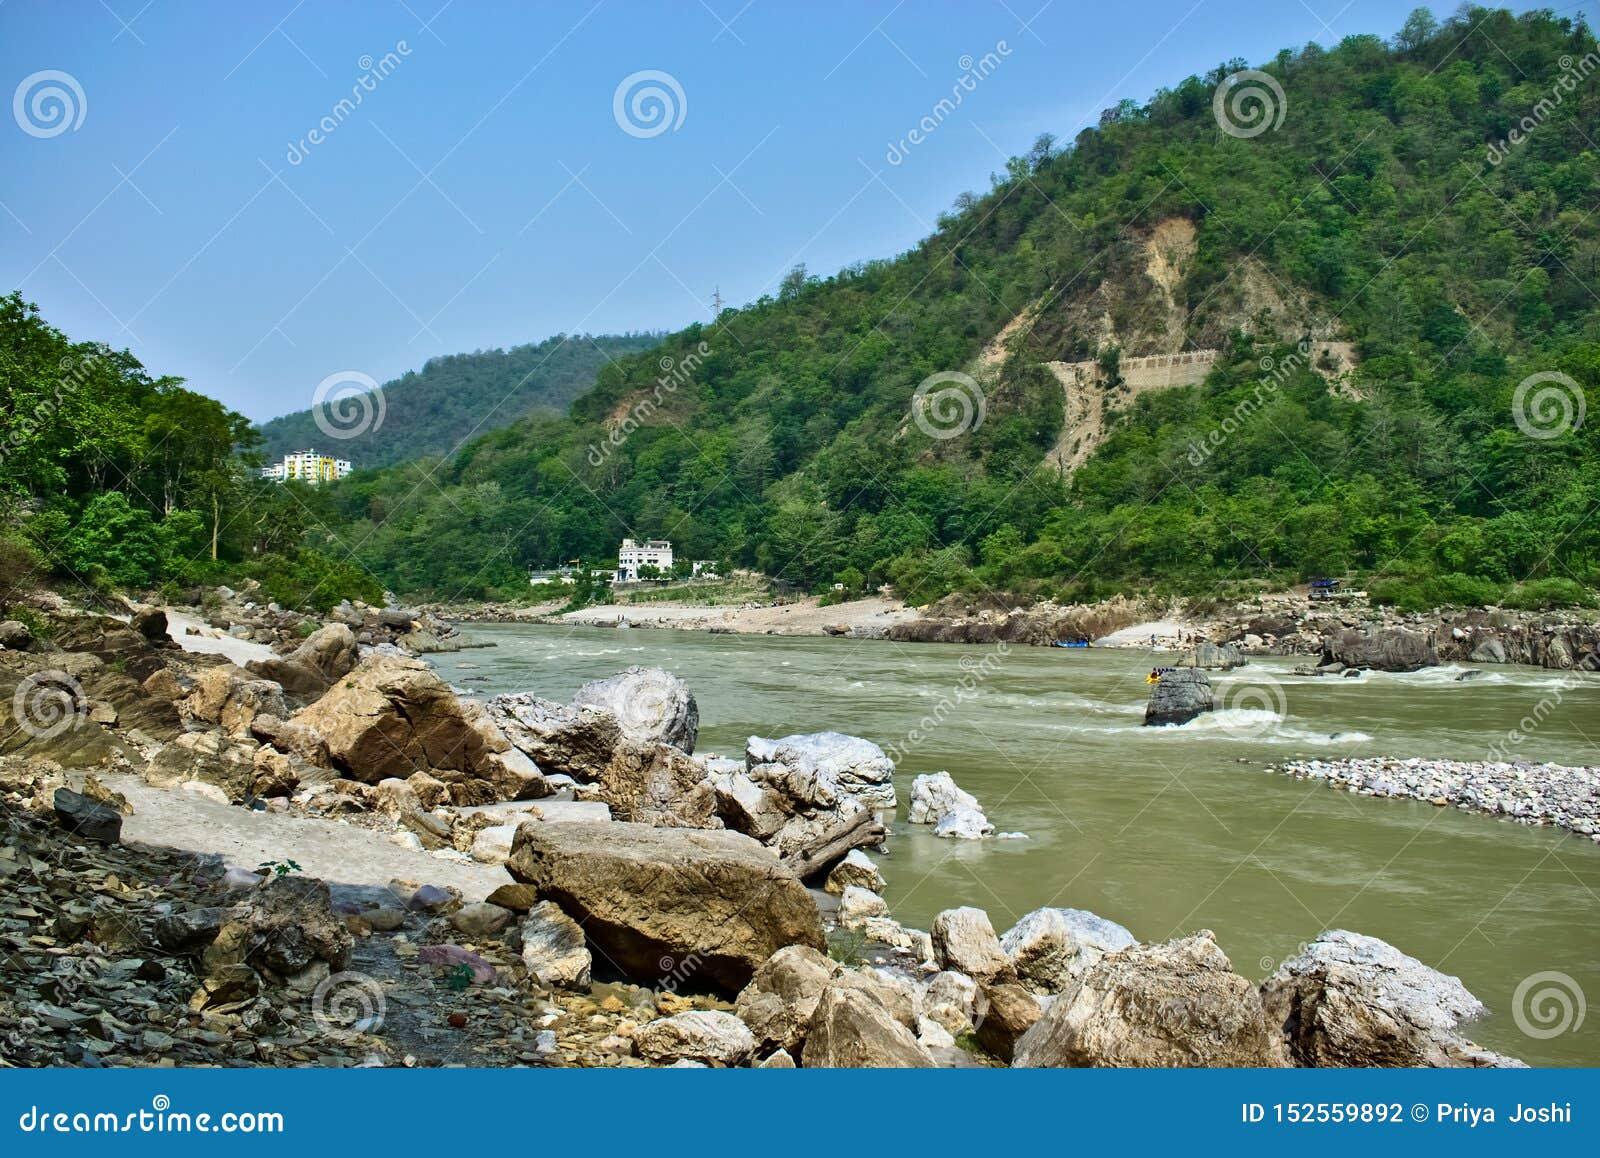 Mooie Rivier met bergen op de achtergrond en kleurrijke huizen in de kanten van de rivier Rishikesh een mooie stad in Indi